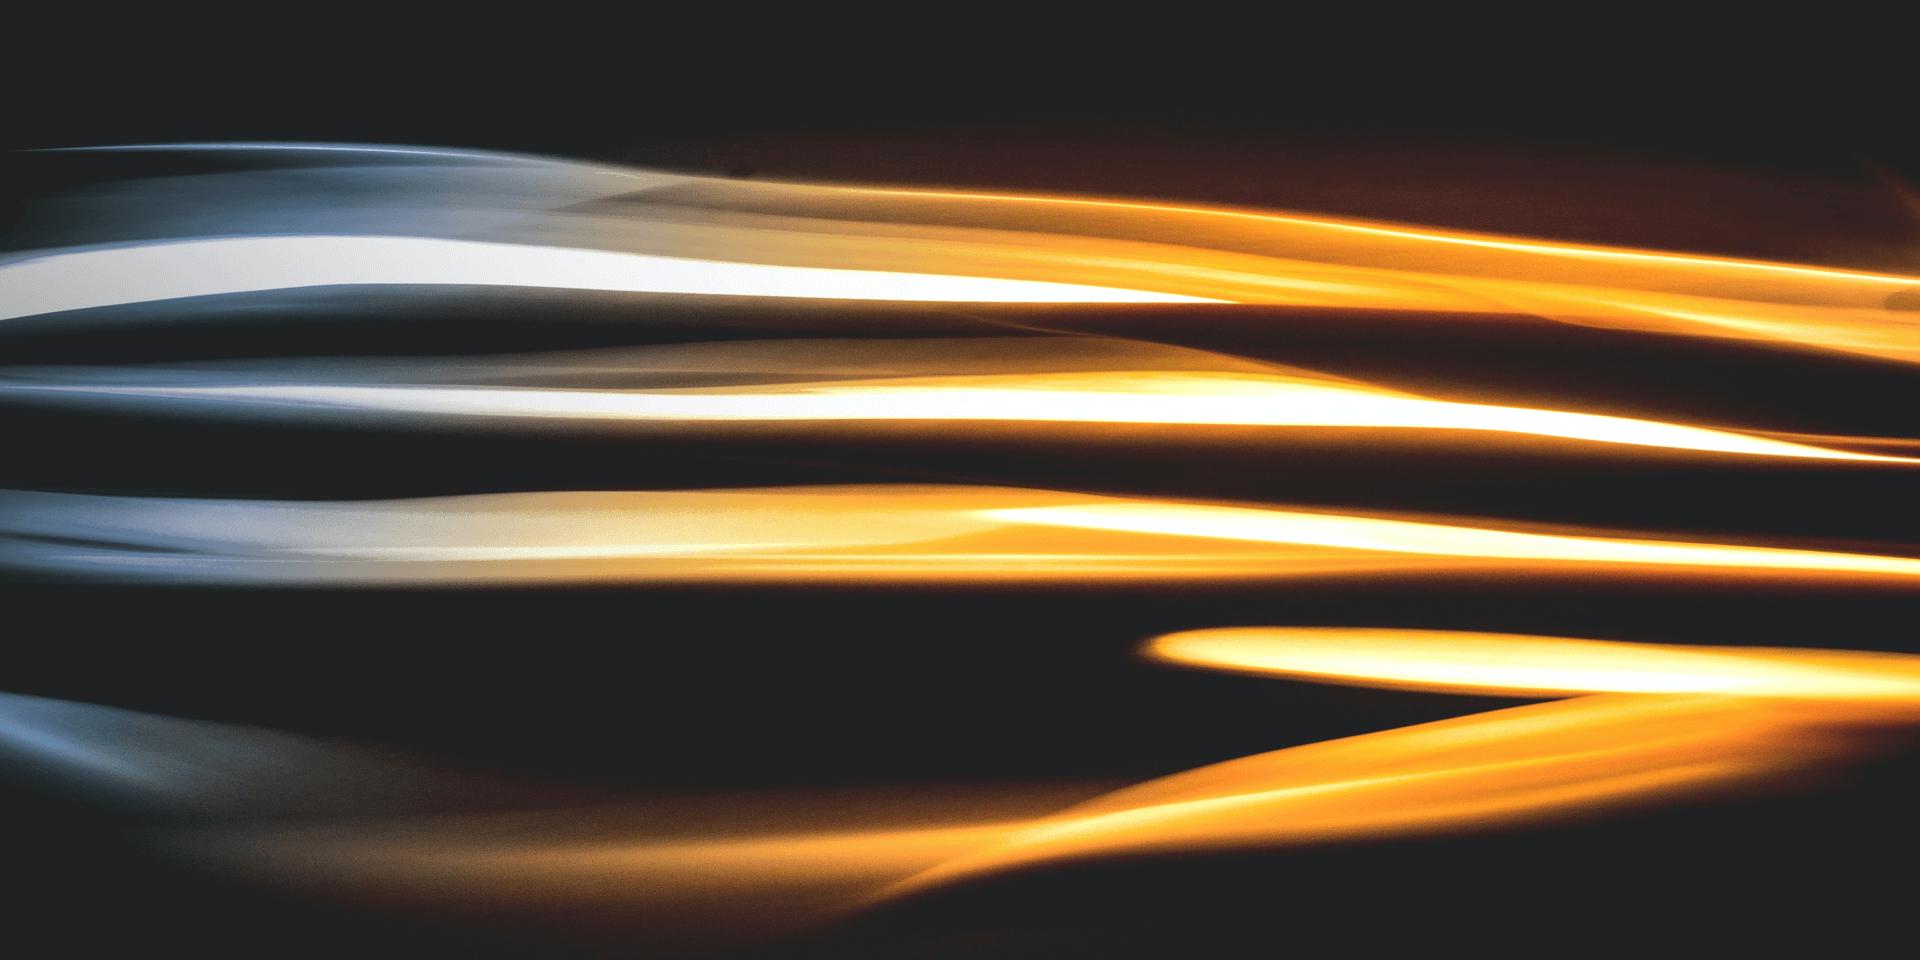 quasar-acelerador-techedge-desarrollo-aplicaciones-featured